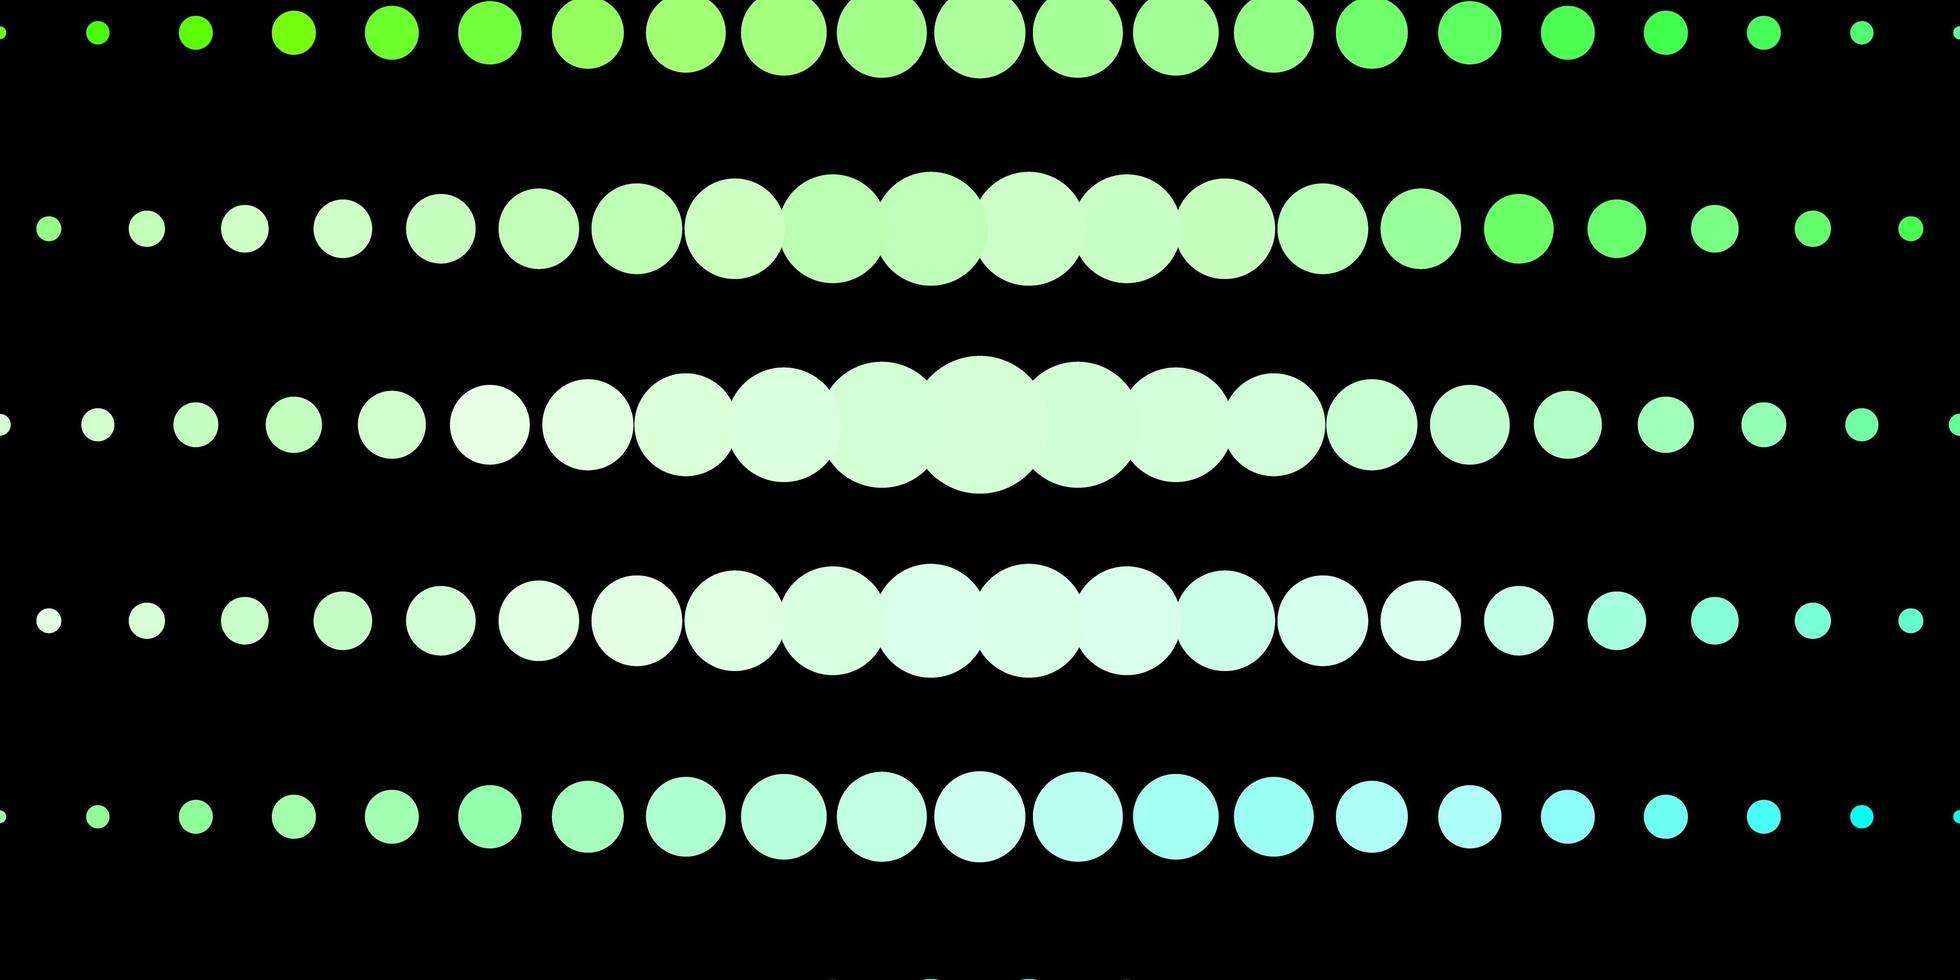 modèle vert foncé avec des cercles. vecteur